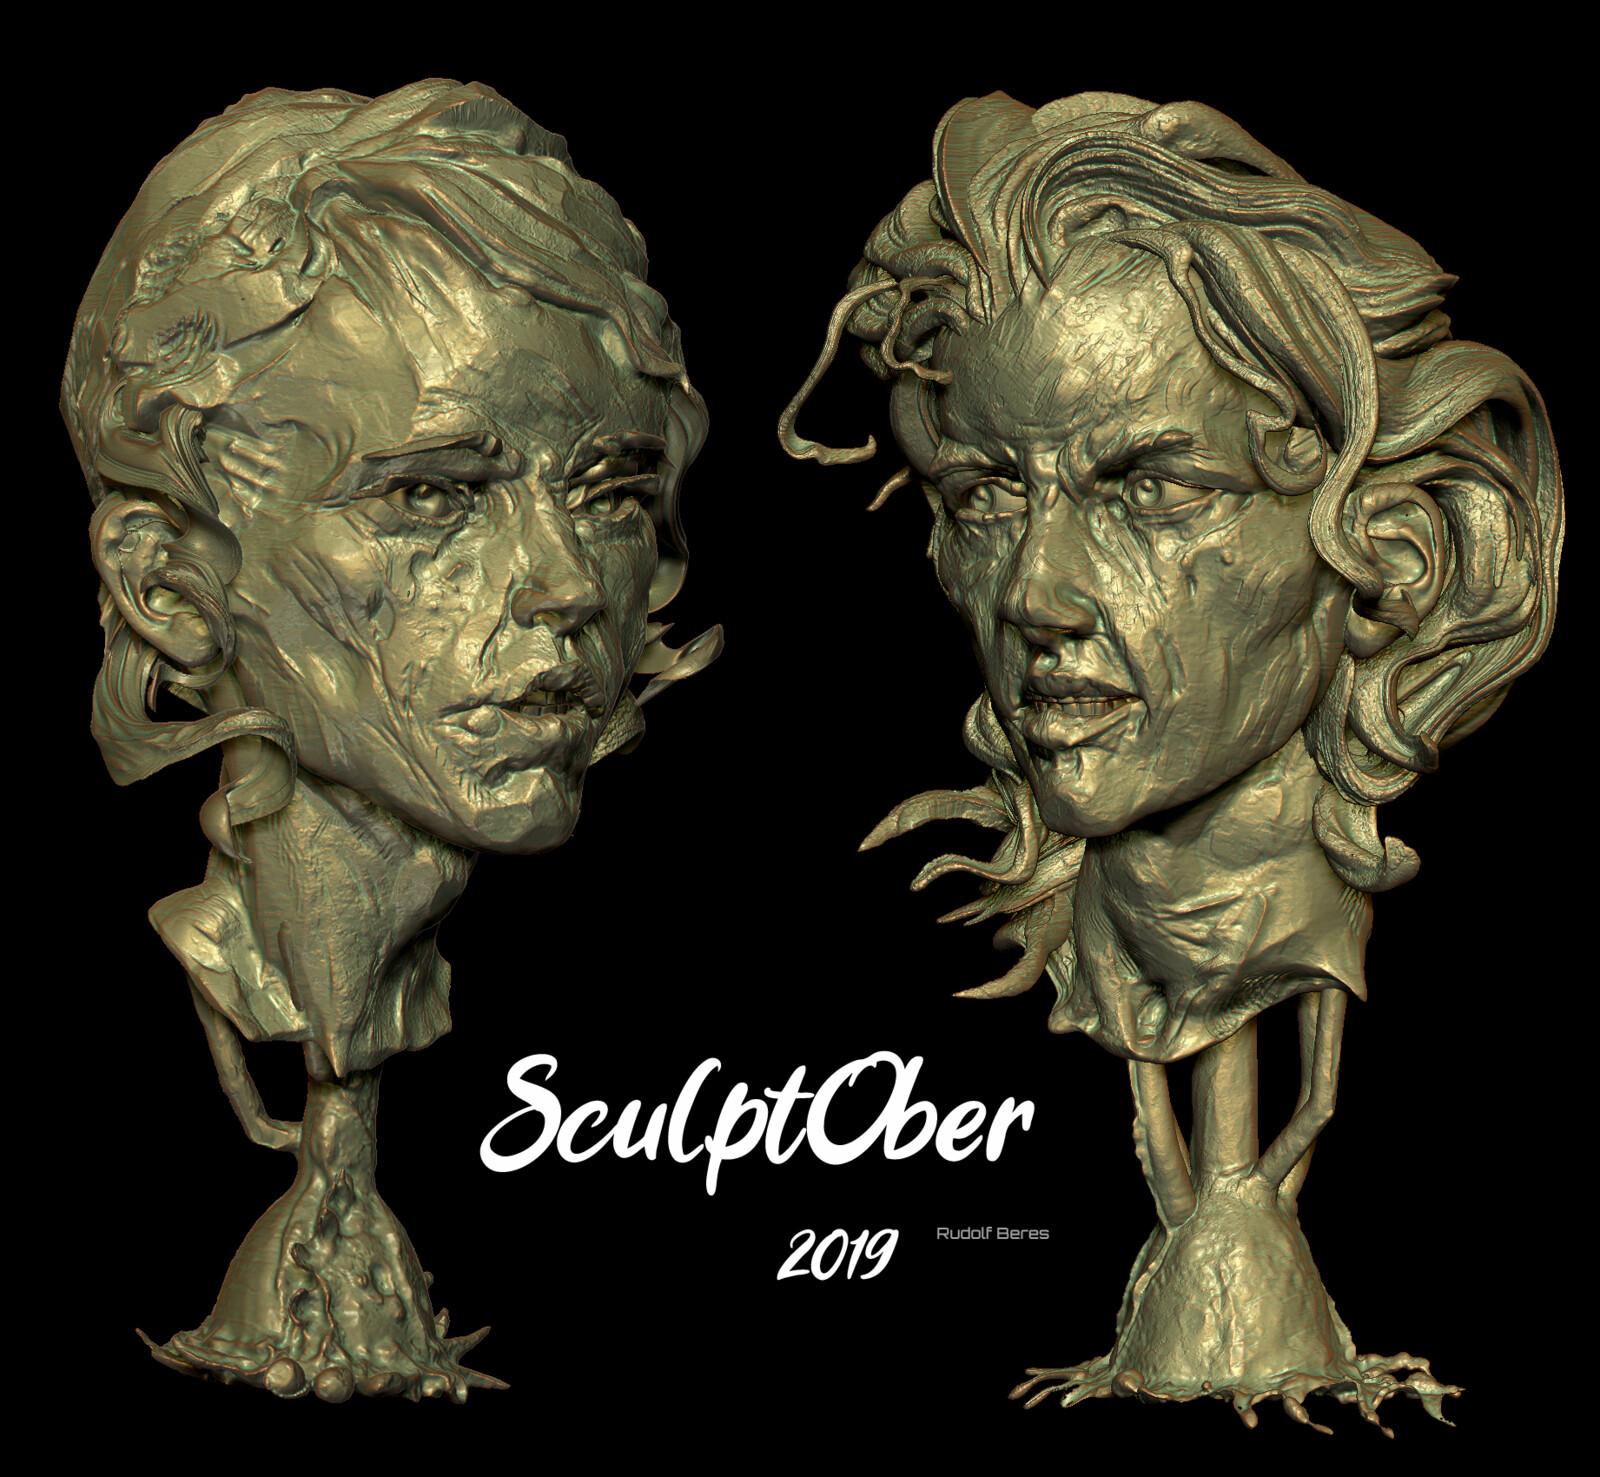 Sculpt October 2019 Episode_1